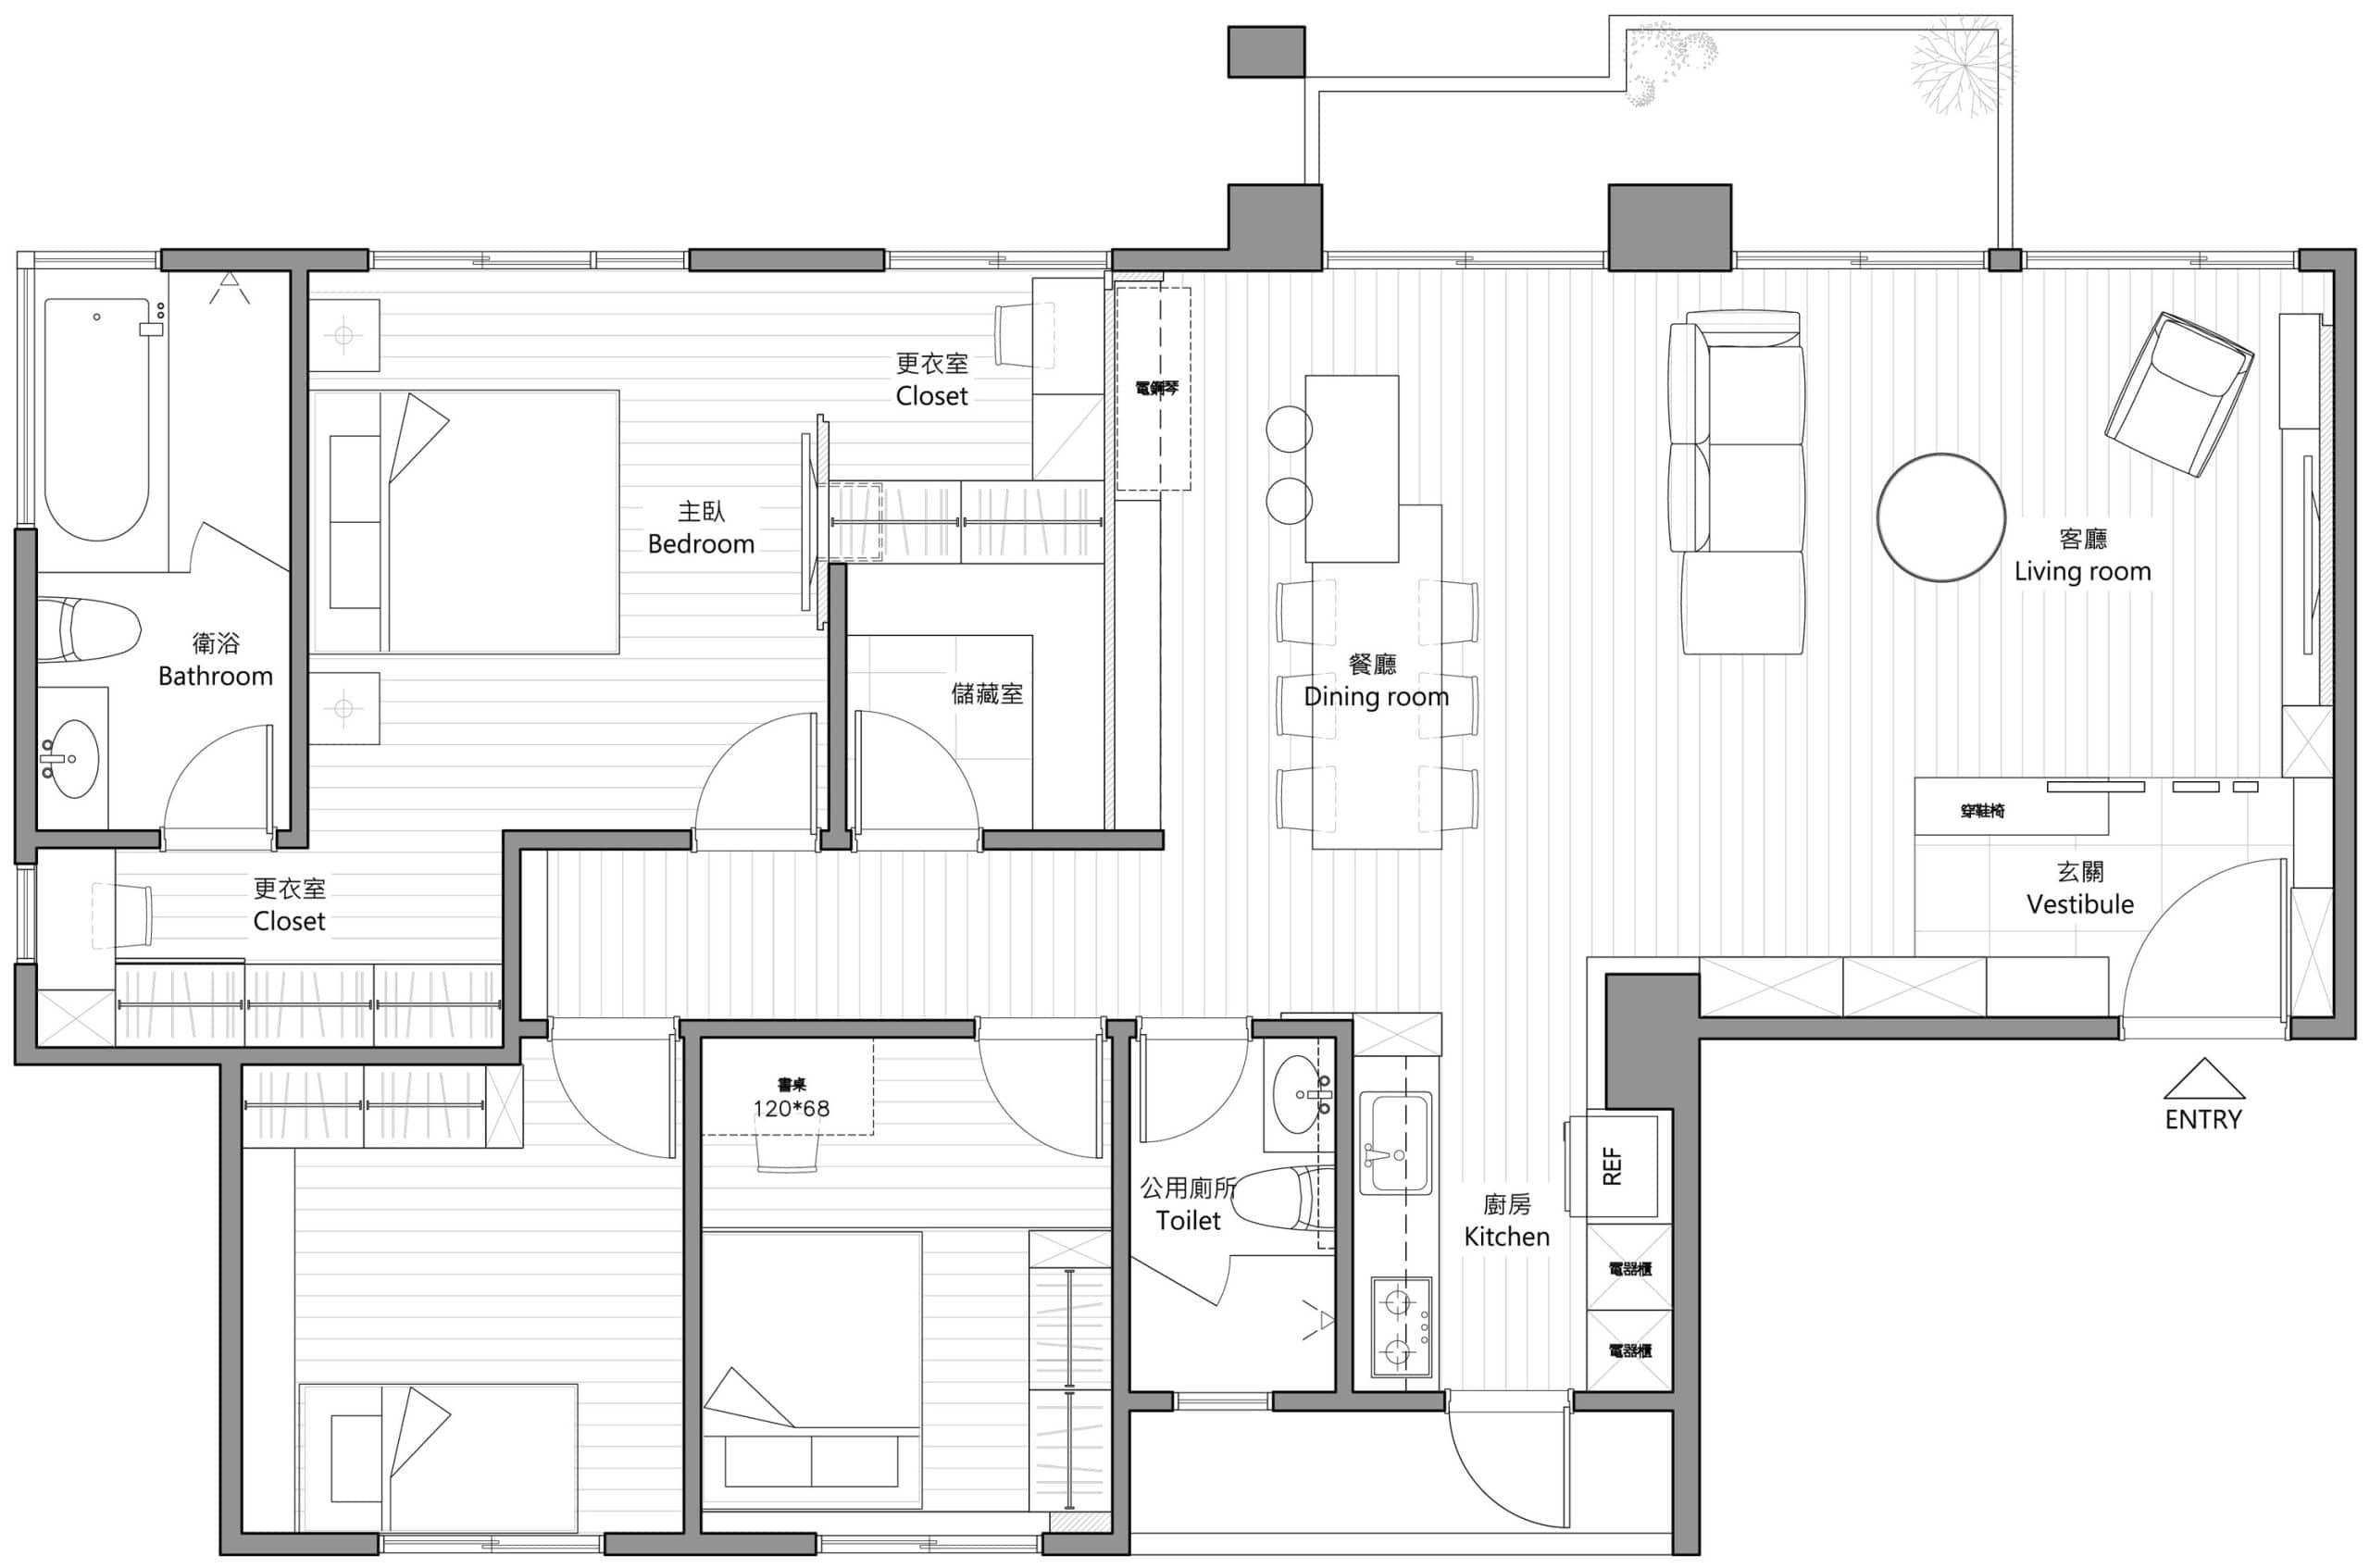 Plano y dise o de interiores departamento construye hogar for Diseno de interiores de casas planos